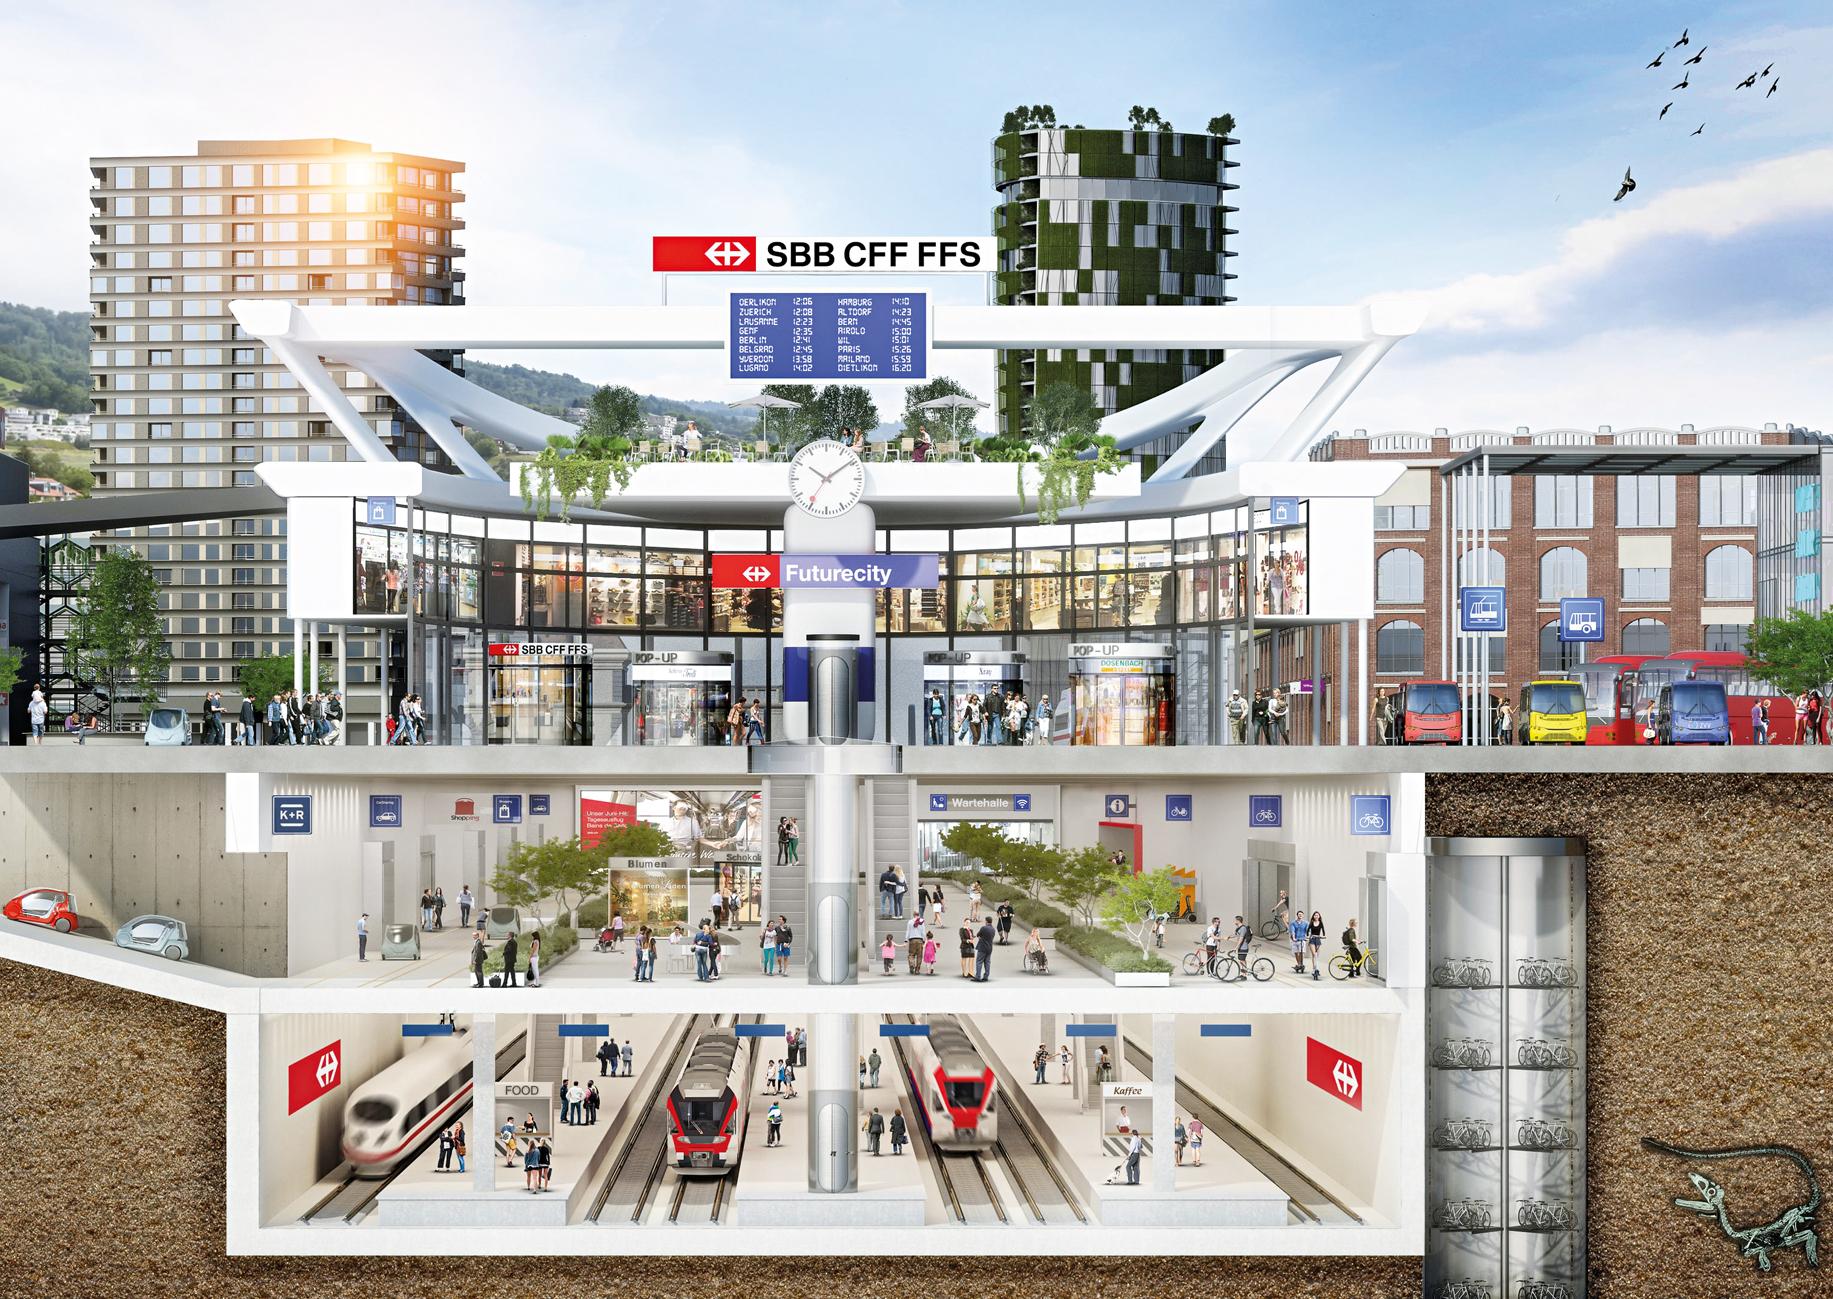 Simulatierte Darstellung einer zukünftigen Stadt mit Bahnhof